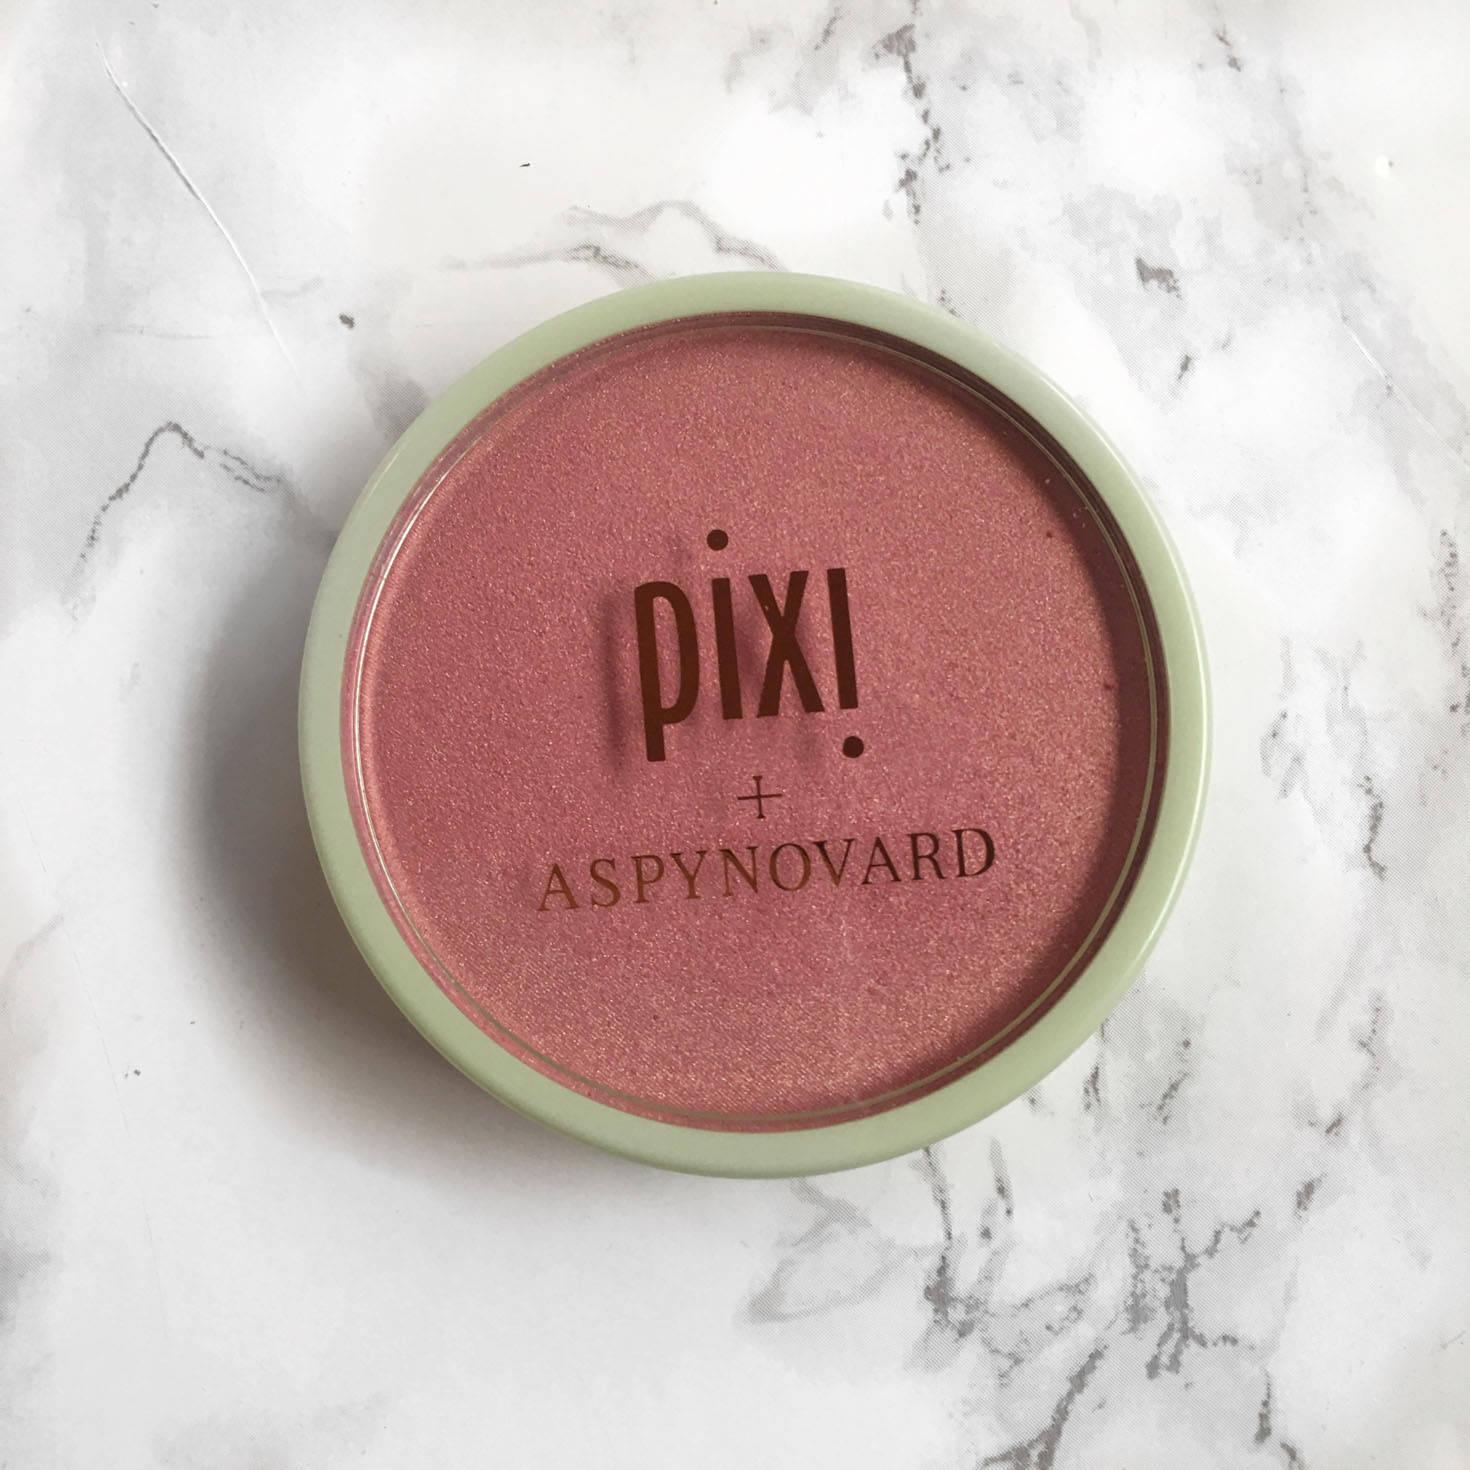 Pixi Pretties Glow-y Powder Aspyn Ovard - Le Fab Chic